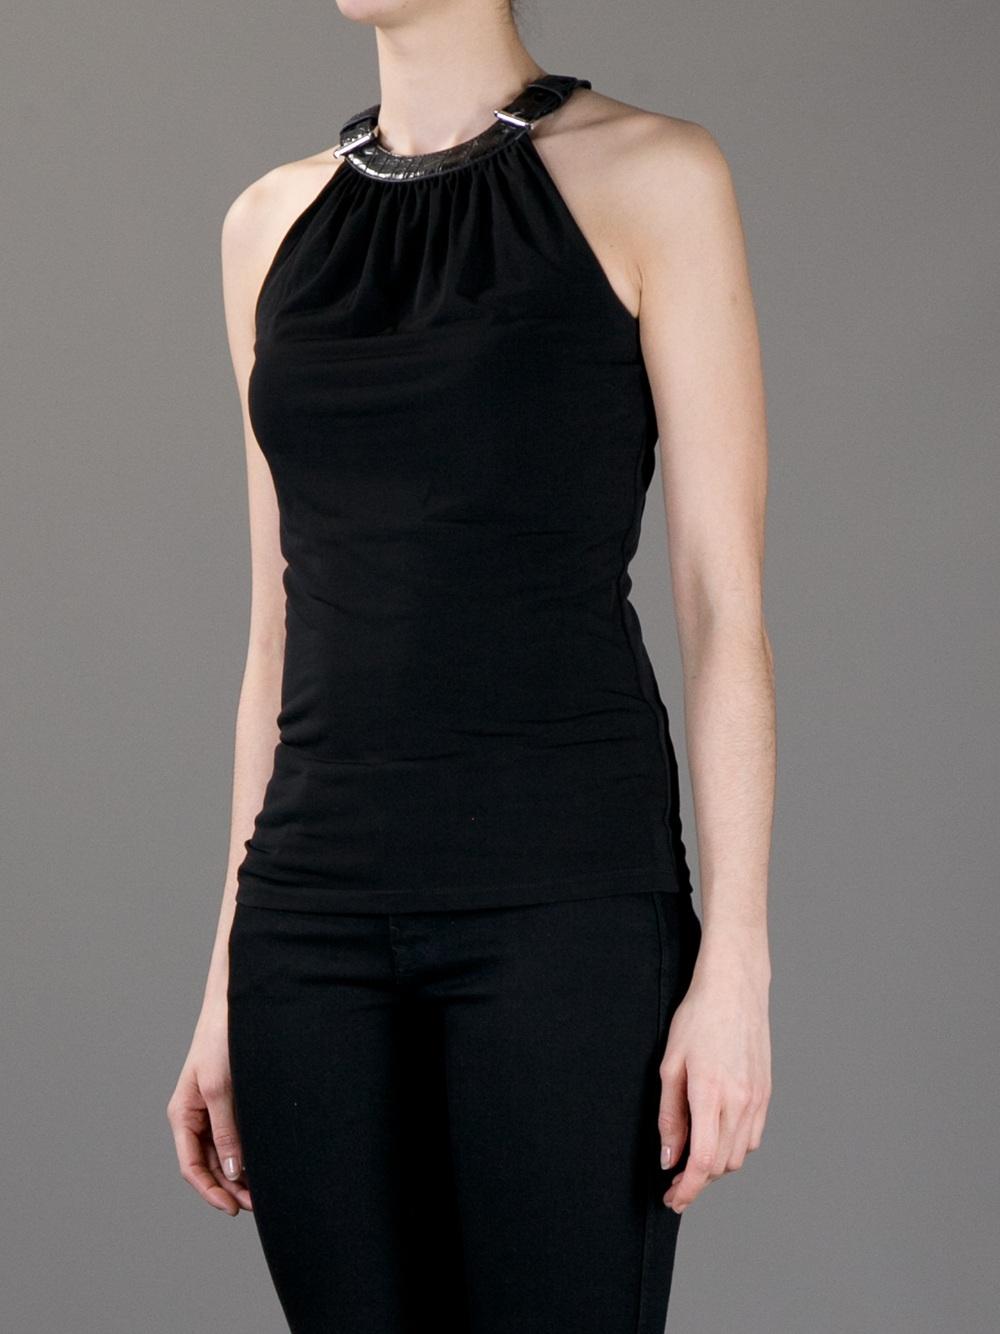 Michael Kors T Shirt Women